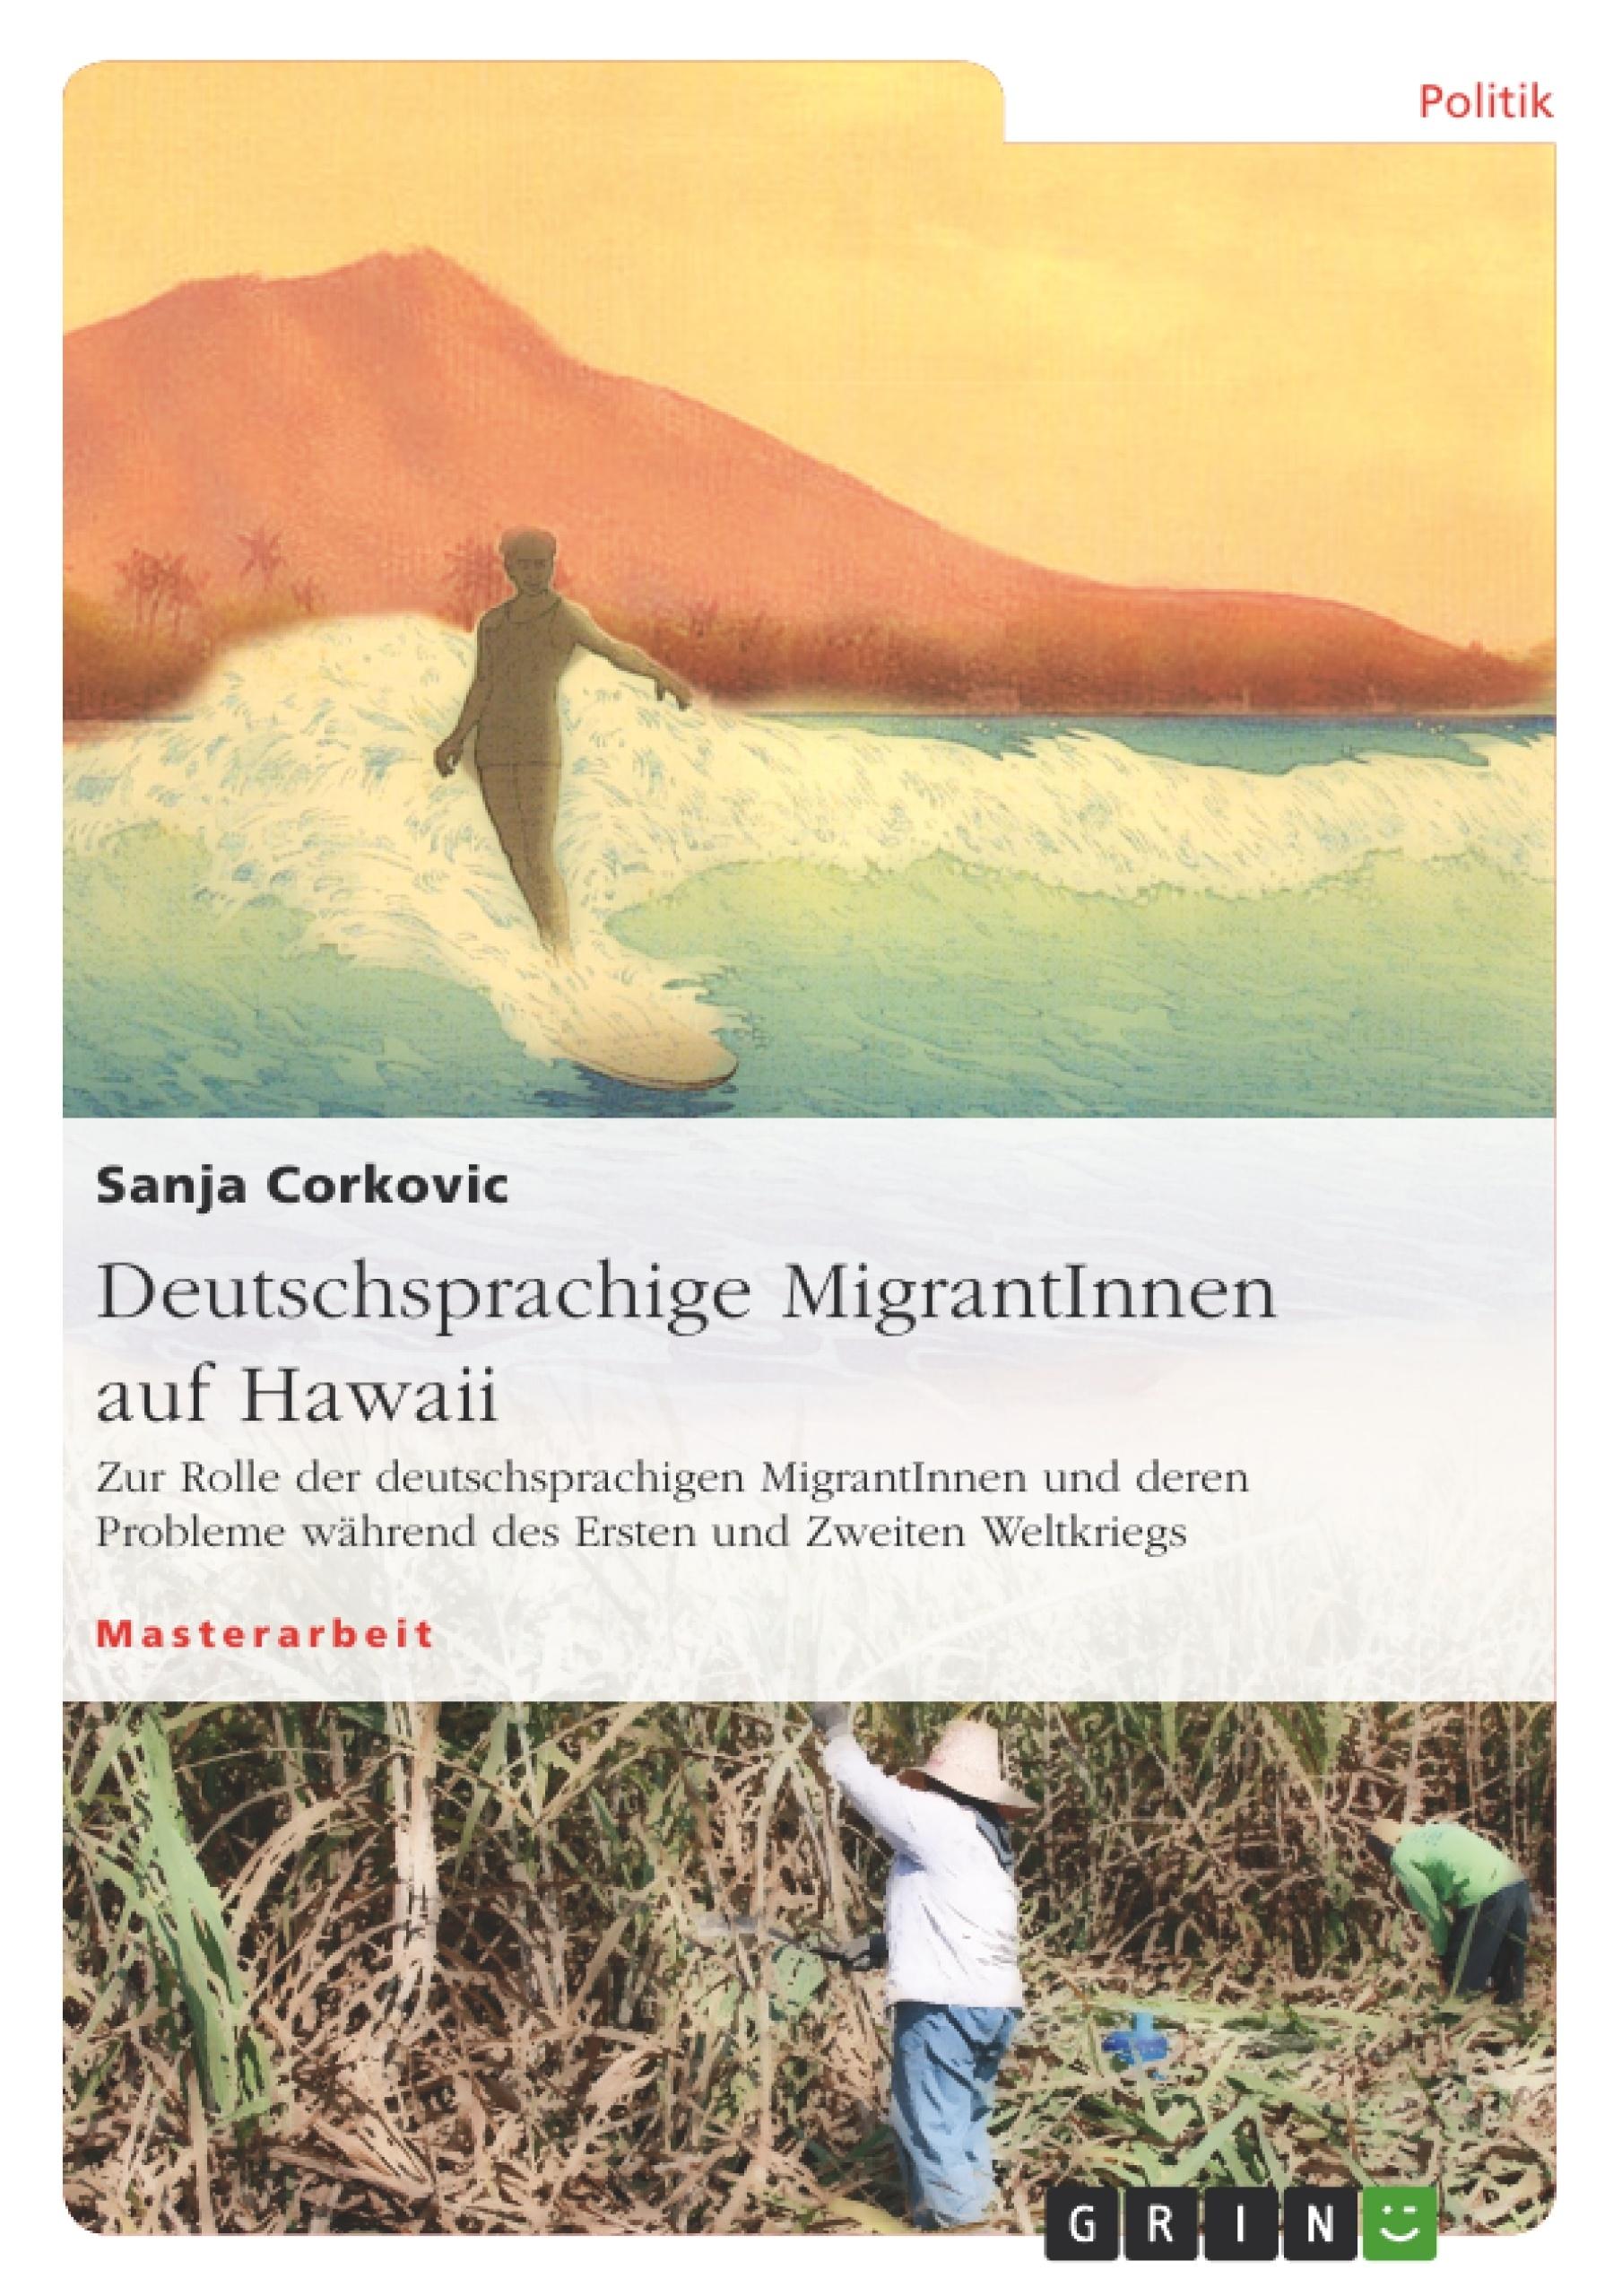 Titel: Deutschsprachige MigrantInnen auf Hawaii. Zur Rolle der deutschsprachigen MigrantInnen und deren Probleme während des Ersten und Zweiten Weltkriegs